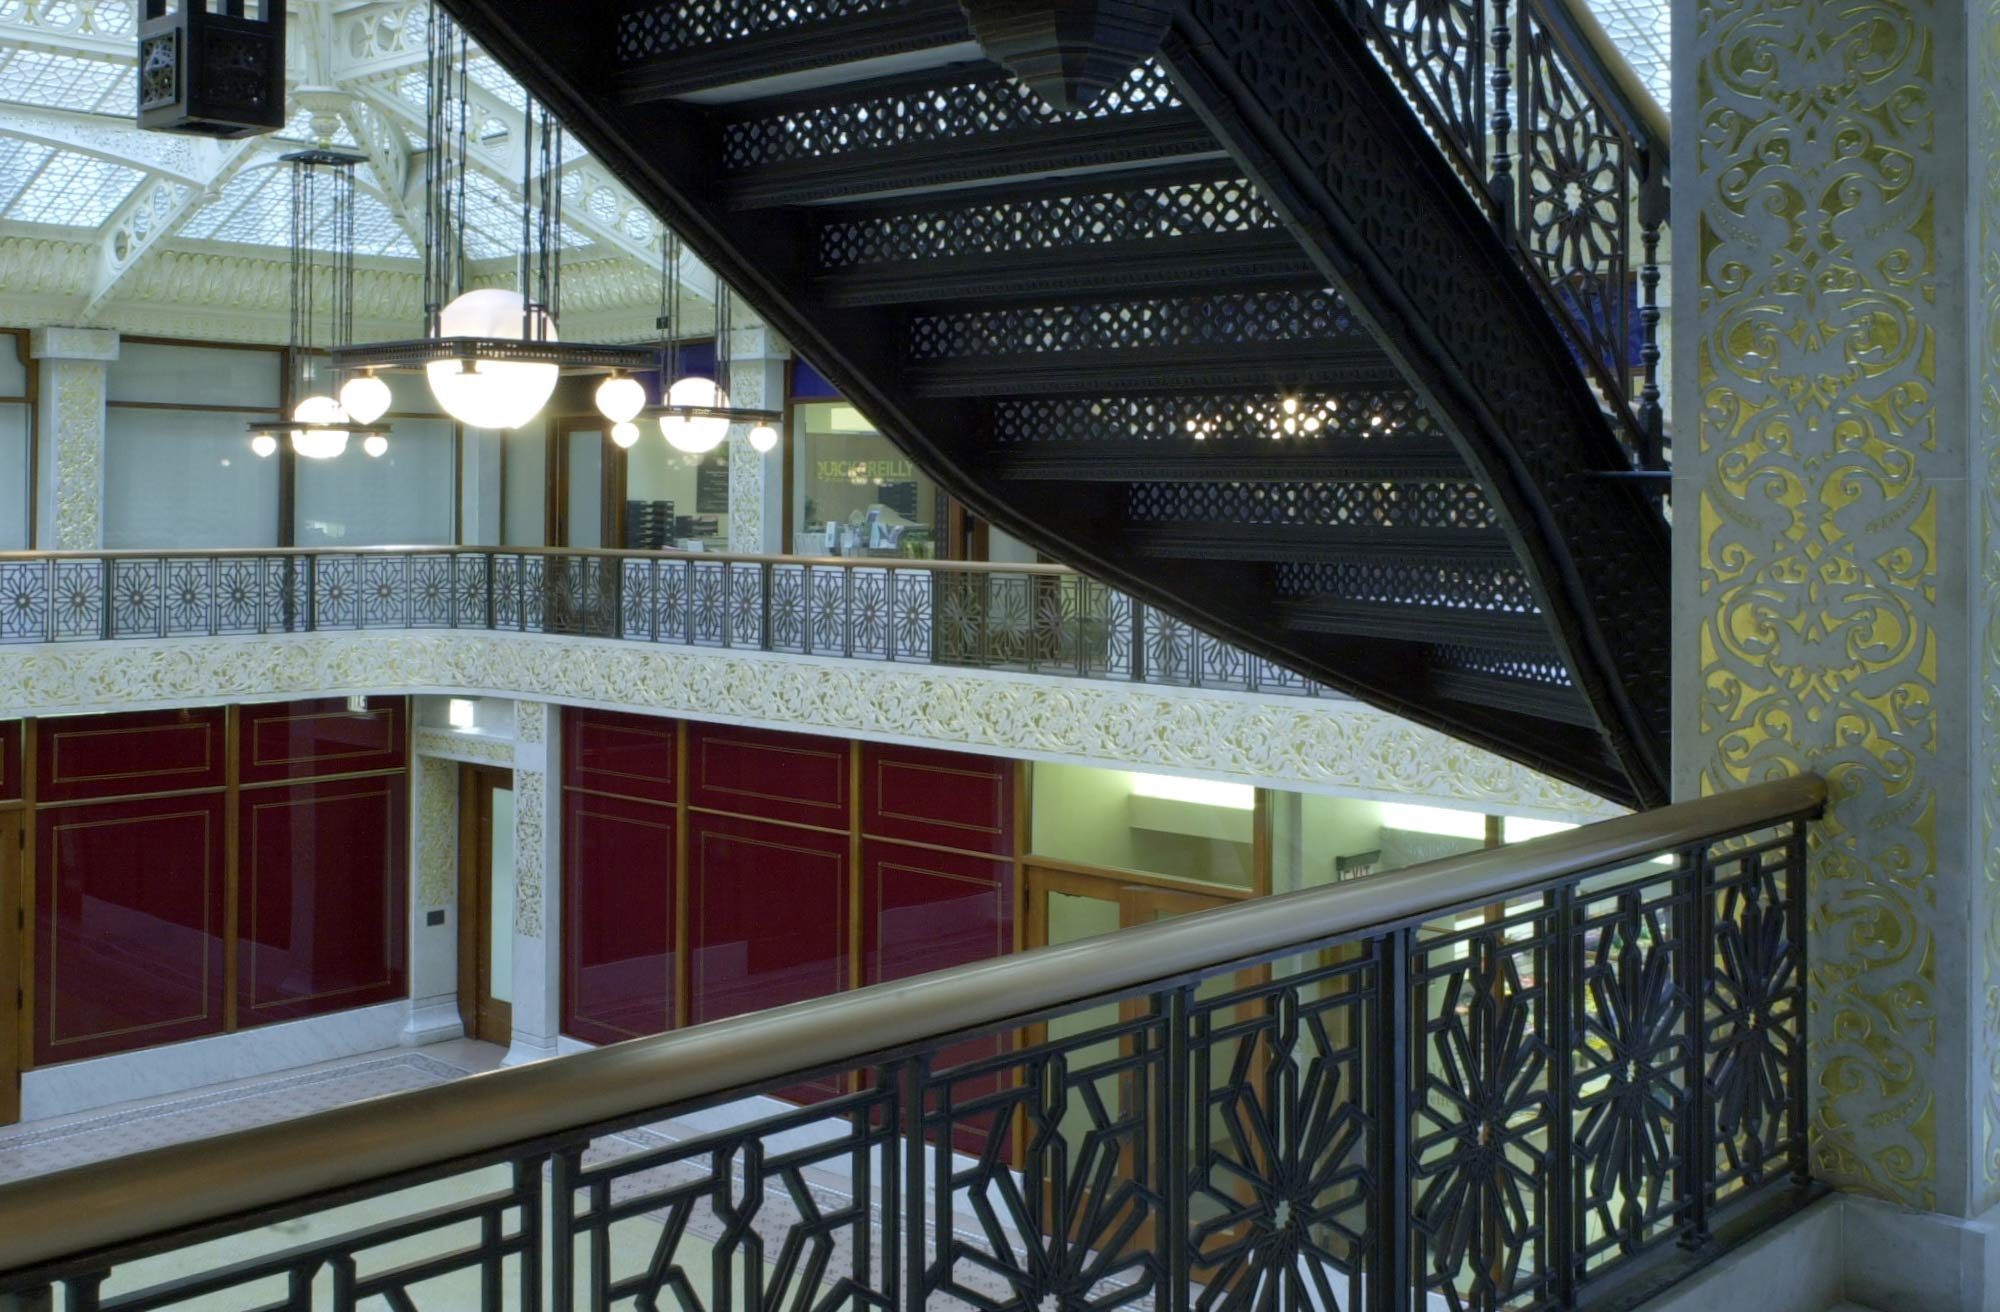 Rookery Building - interior lobby mezzanine